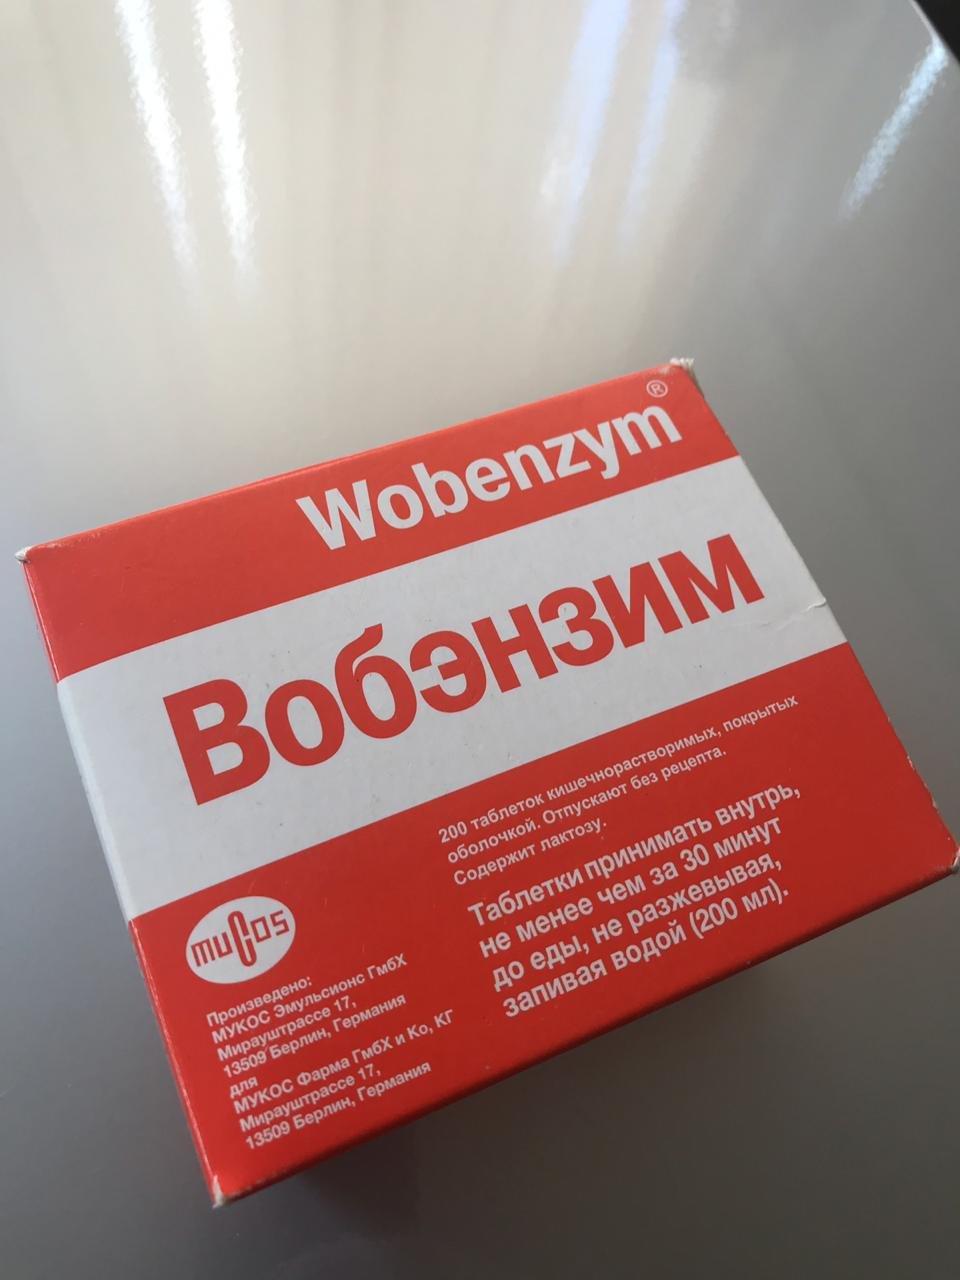 Вобэнзим - Быстро избавилась от кисты.